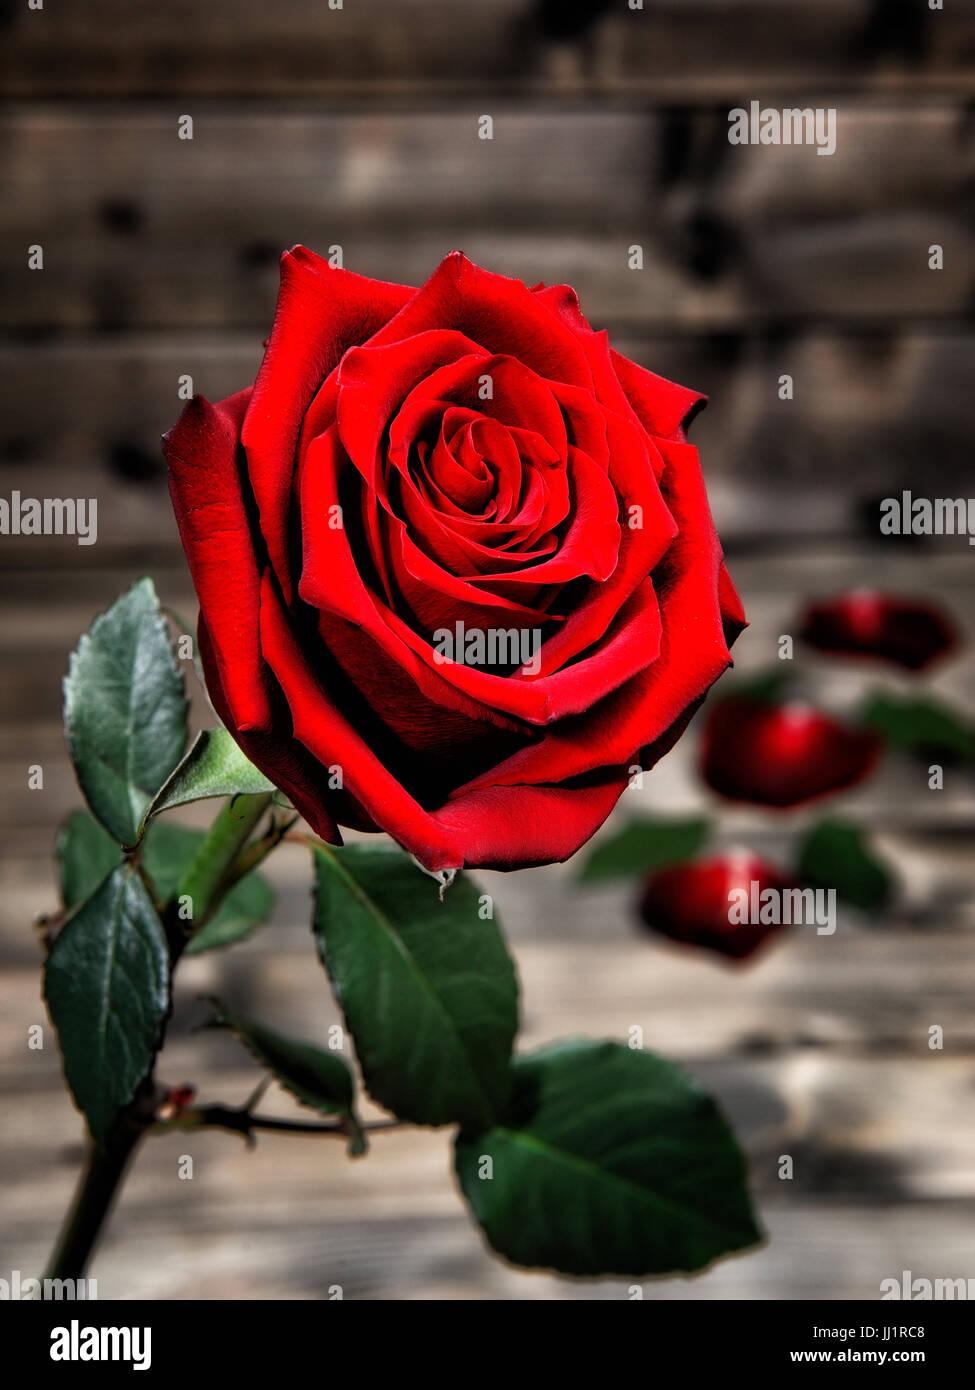 Immagine Di Una Rosa Rossa Fotografato Sullo Sfondo Di Un Antico